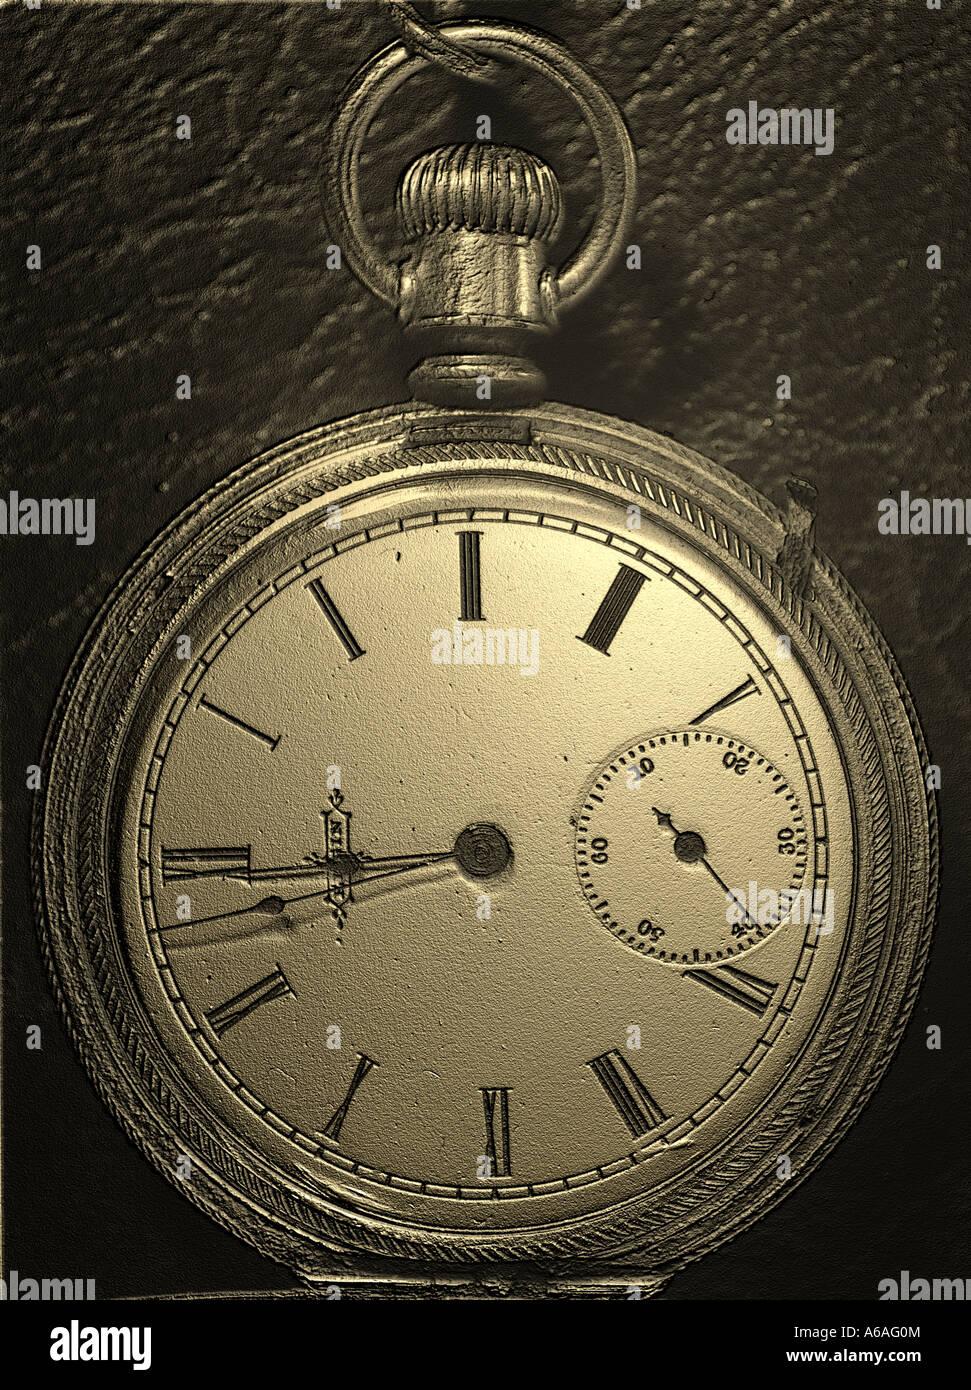 Orologio da tasca e il concetto con la goffratura effetto digitale Immagini Stock